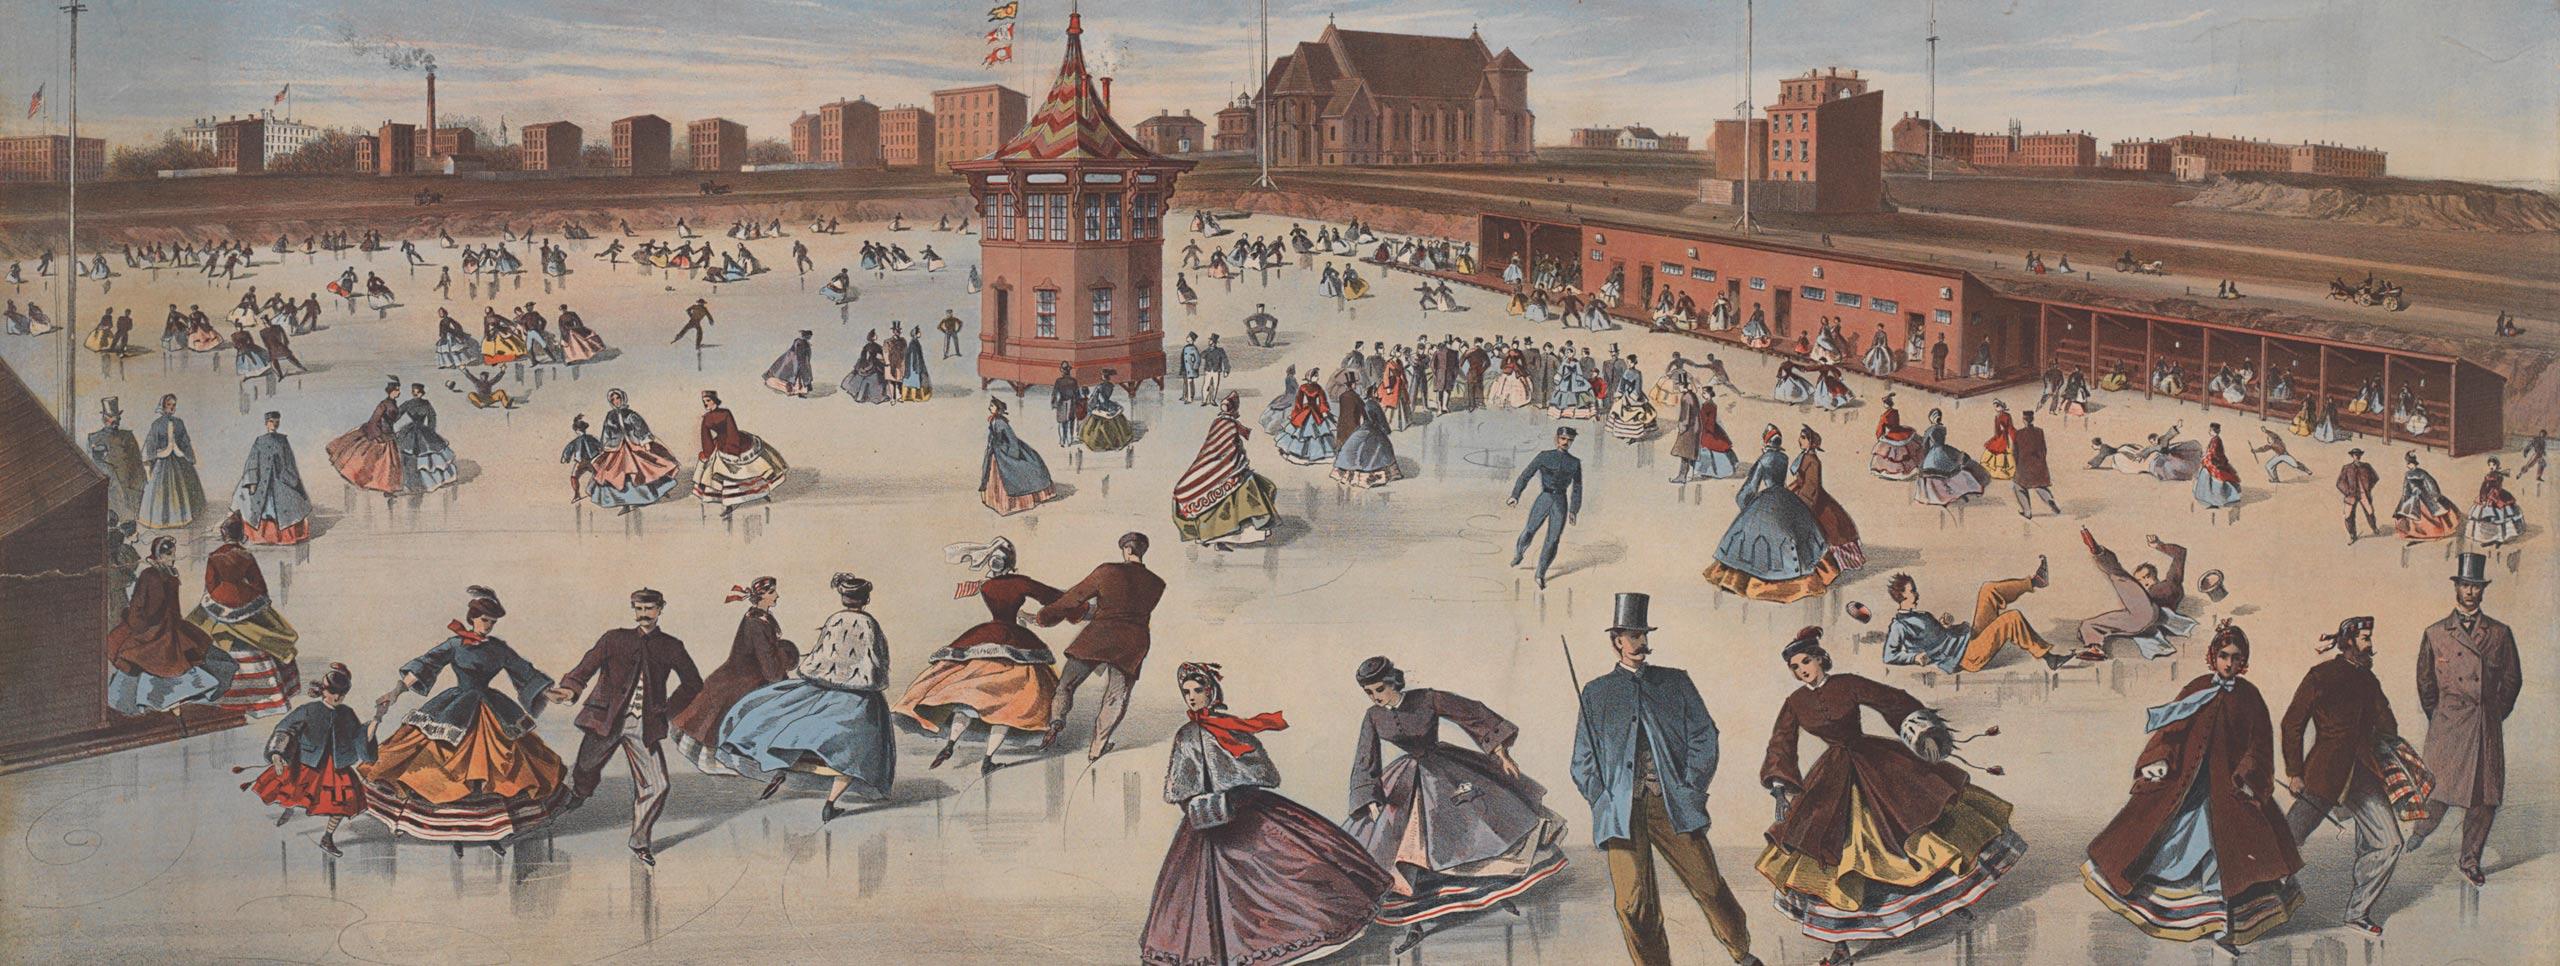 1800 년대 중반에는 사람들이 아이스 링크를 큰 스케이트장에서 인쇄했습니다. 도시 건물은 배경에서 볼 수 있습니다.